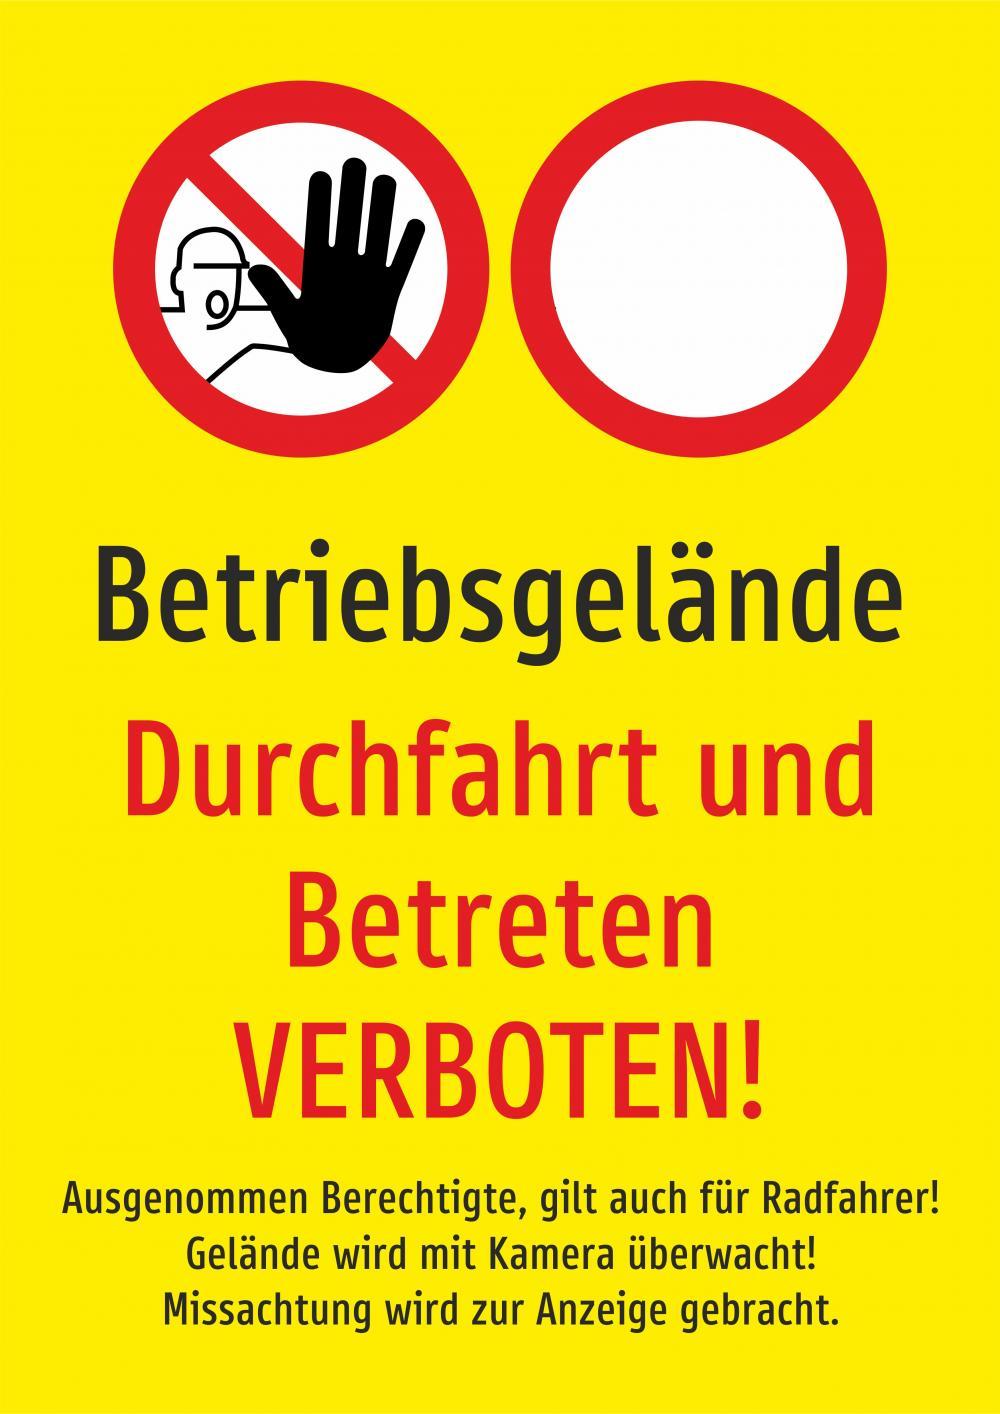 Betriebsgelände - Durchfahrt für alle und Betreten verboten gelb